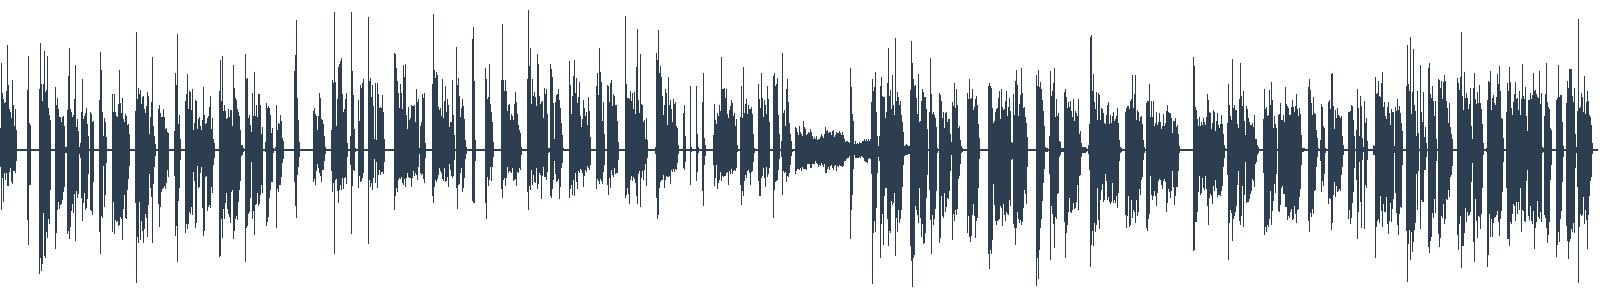 Jsou světla, která nevidíme (ukázka z audioknihy) waveform